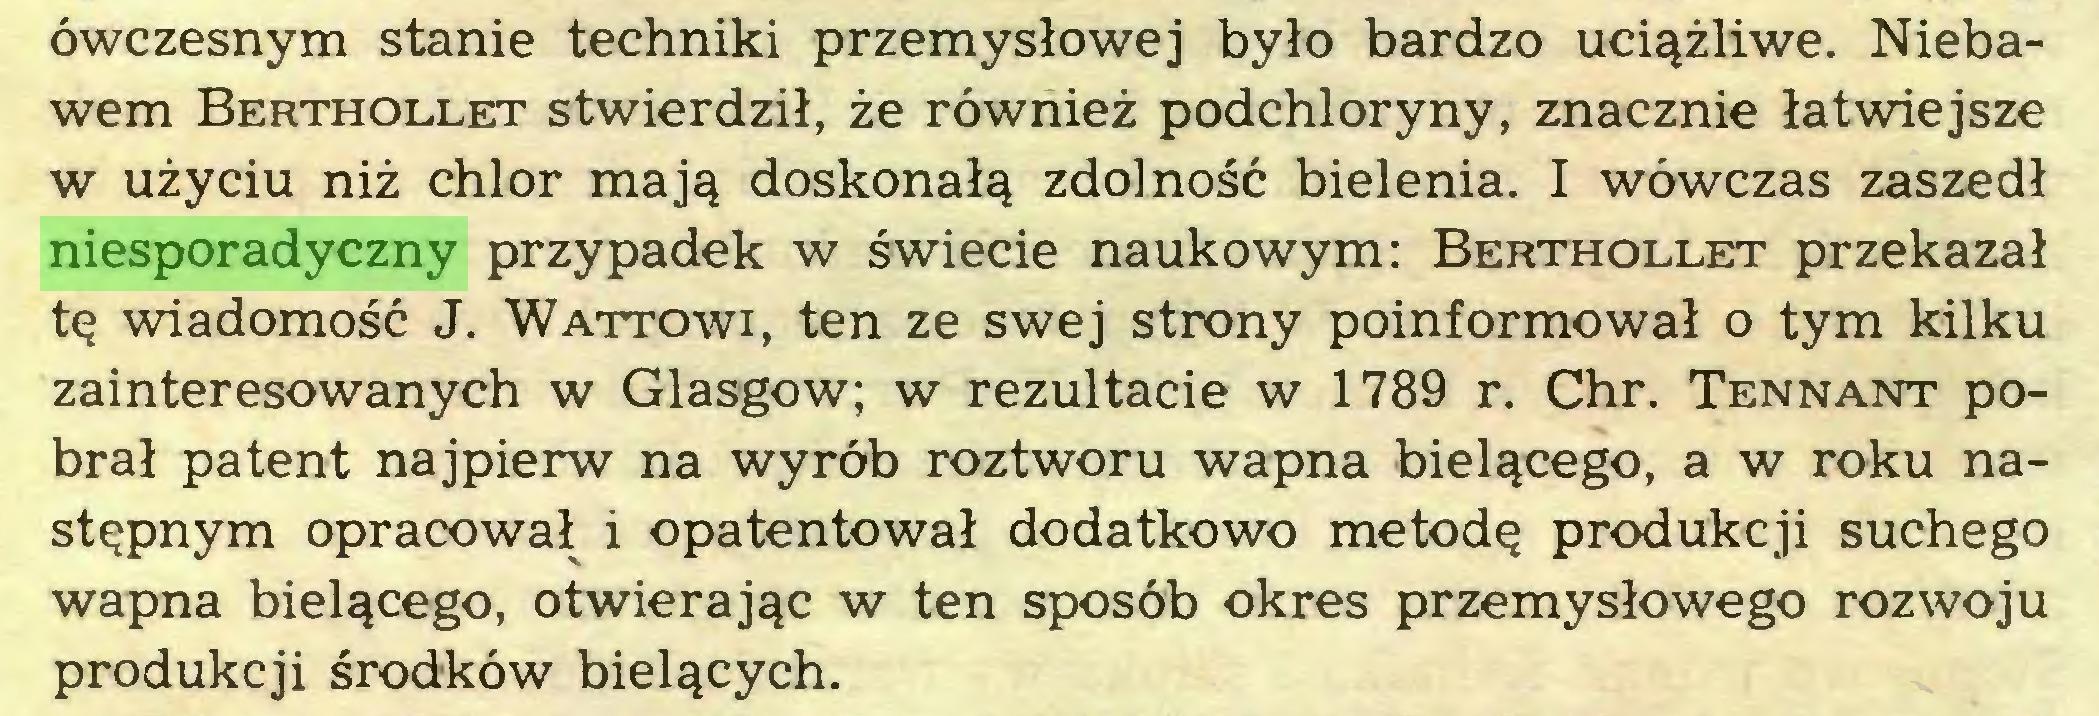 (...) ówczesnym stanie techniki przemysłowej było bardzo uciążliwe. Niebawem Berthollet stwierdził, że również podchloryny, znacznie łatwiejsze w użyciu niż chlor mają doskonałą zdolność bielenia. I wówczas zaszedł niesporadyczny przypadek w świecie naukowym: Berthollet przekazał tę wiadomość J. Wattowi, ten ze swej strony poinformował o tym kilku zainteresowanych w Glasgow; w rezultacie w 1789 r. Chr. Tennant pobrał patent najpierw na wyrób roztworu wapna bielącego, a w roku następnym opracował i opatentował dodatkowo metodę produkcji suchego wapna bielącego, otwierając w ten sposób okres przemysłowego rozwoju produkcji środków bielących...